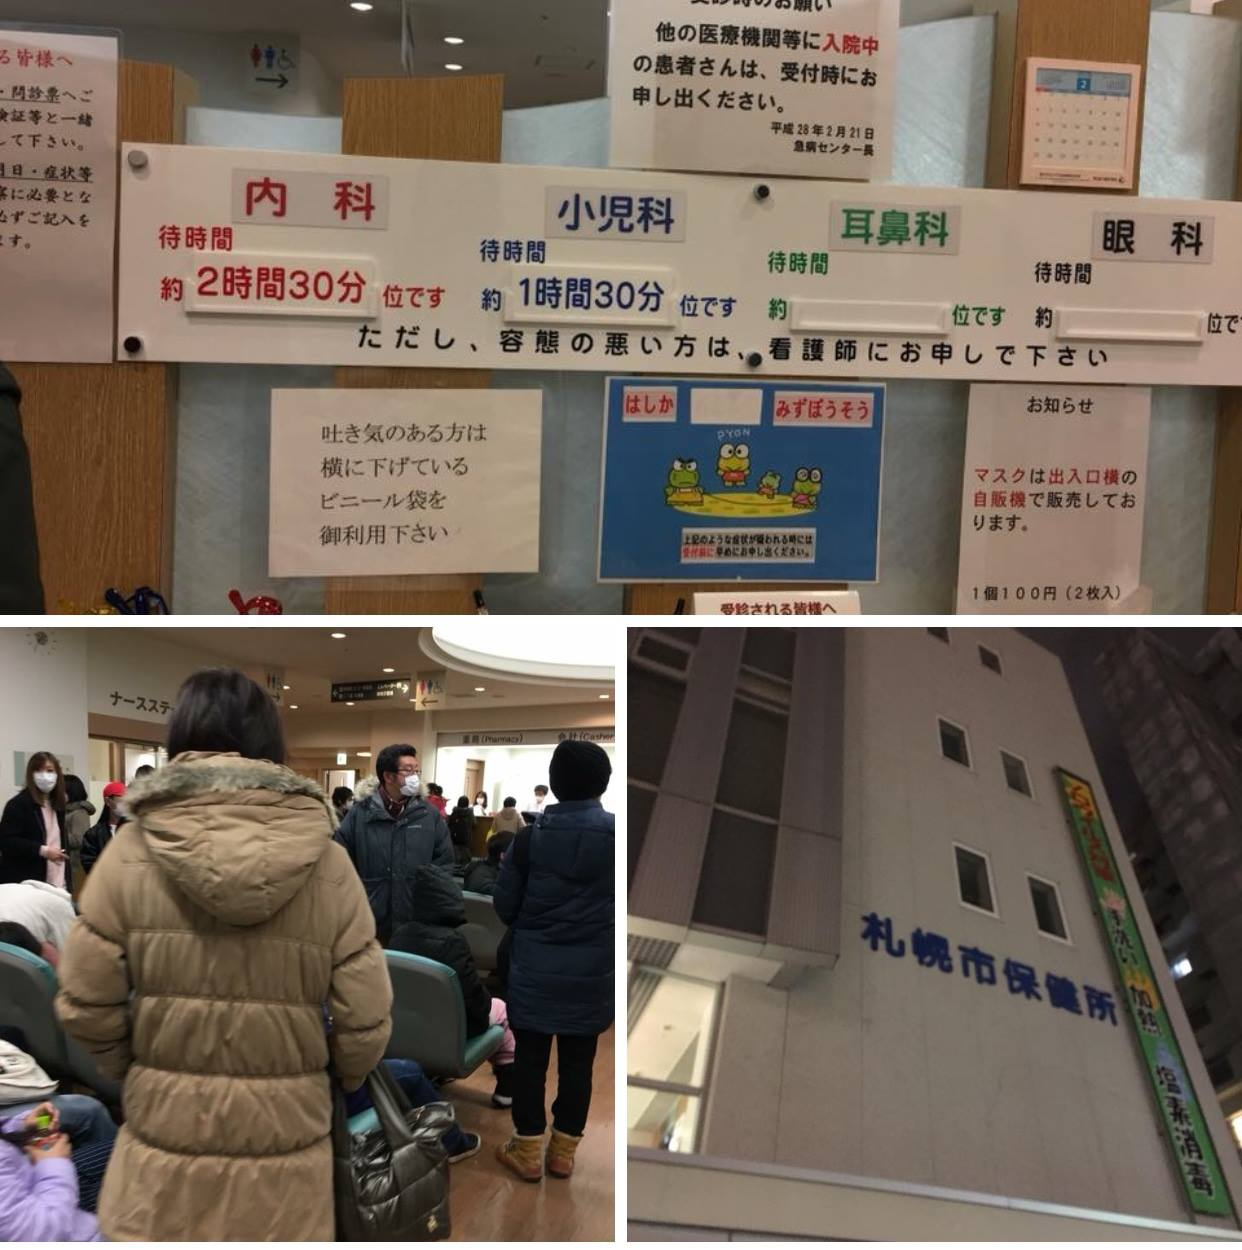 她到北海道目睹「全世界最優質病患素質」 100人擠大廳只聽到呼吸聲...